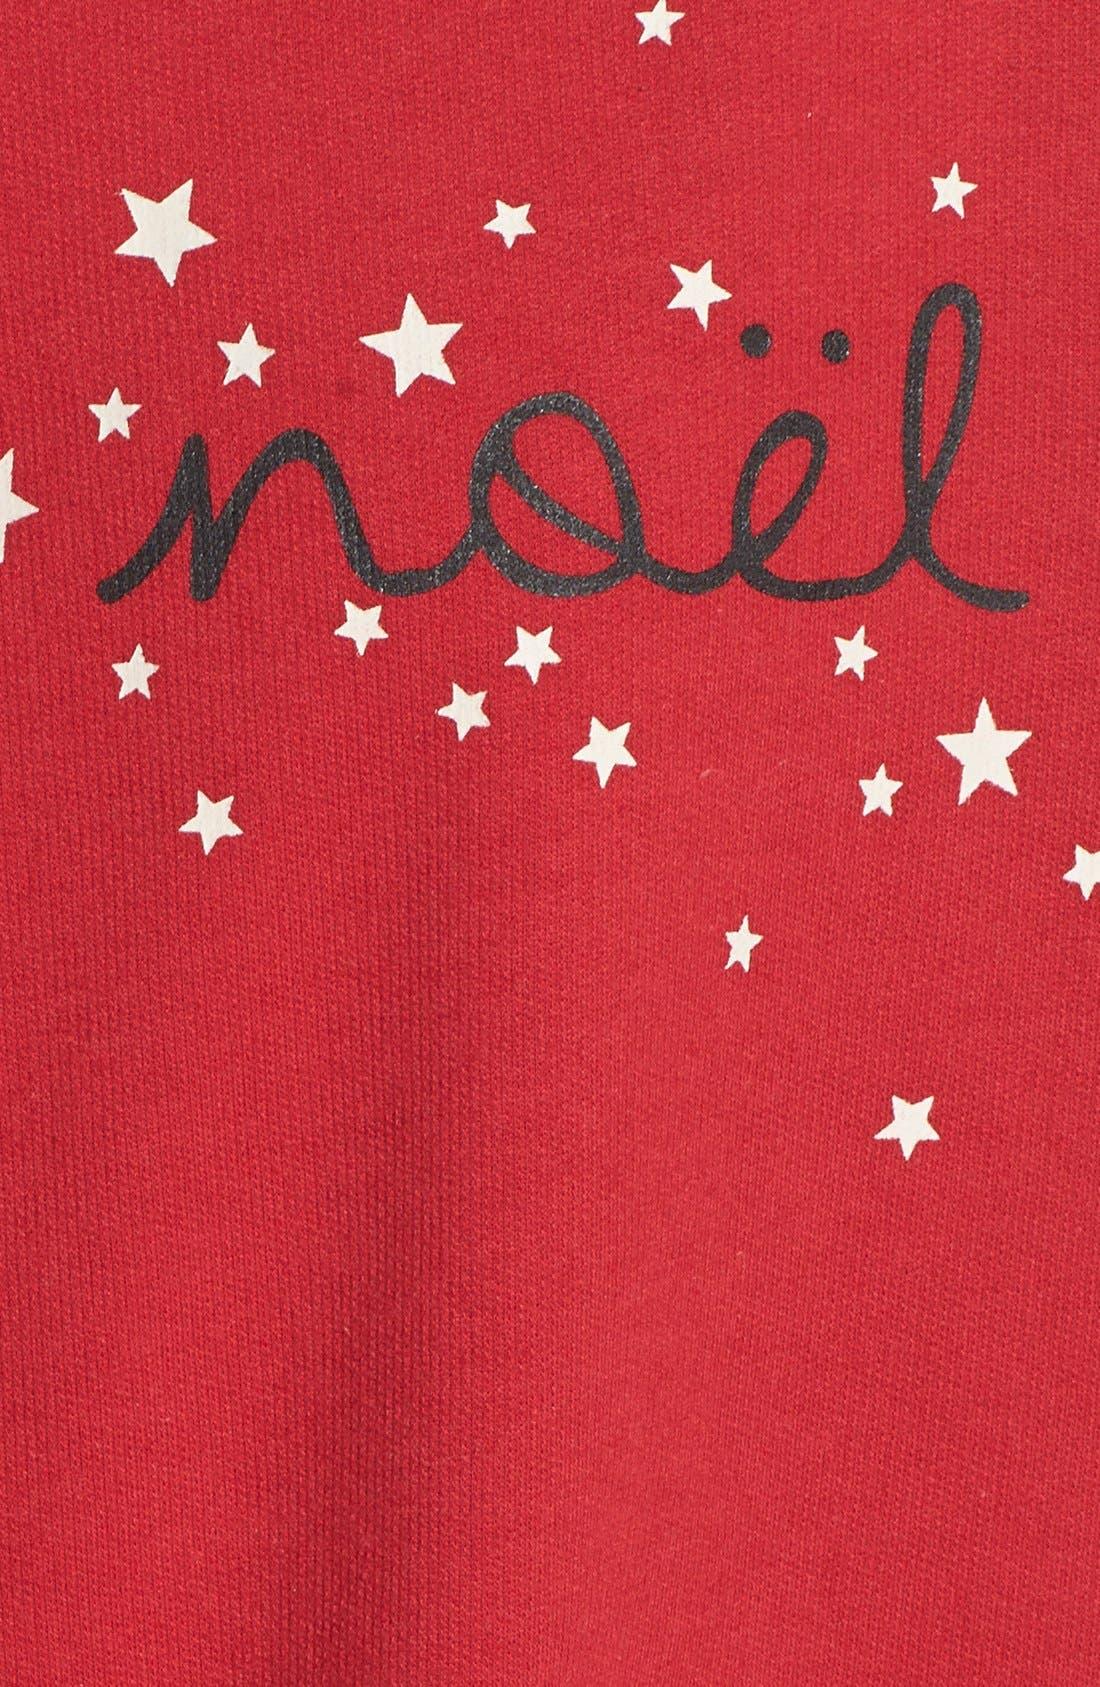 'C'est Noël' Sweatshirt,                             Alternate thumbnail 2, color,                             600